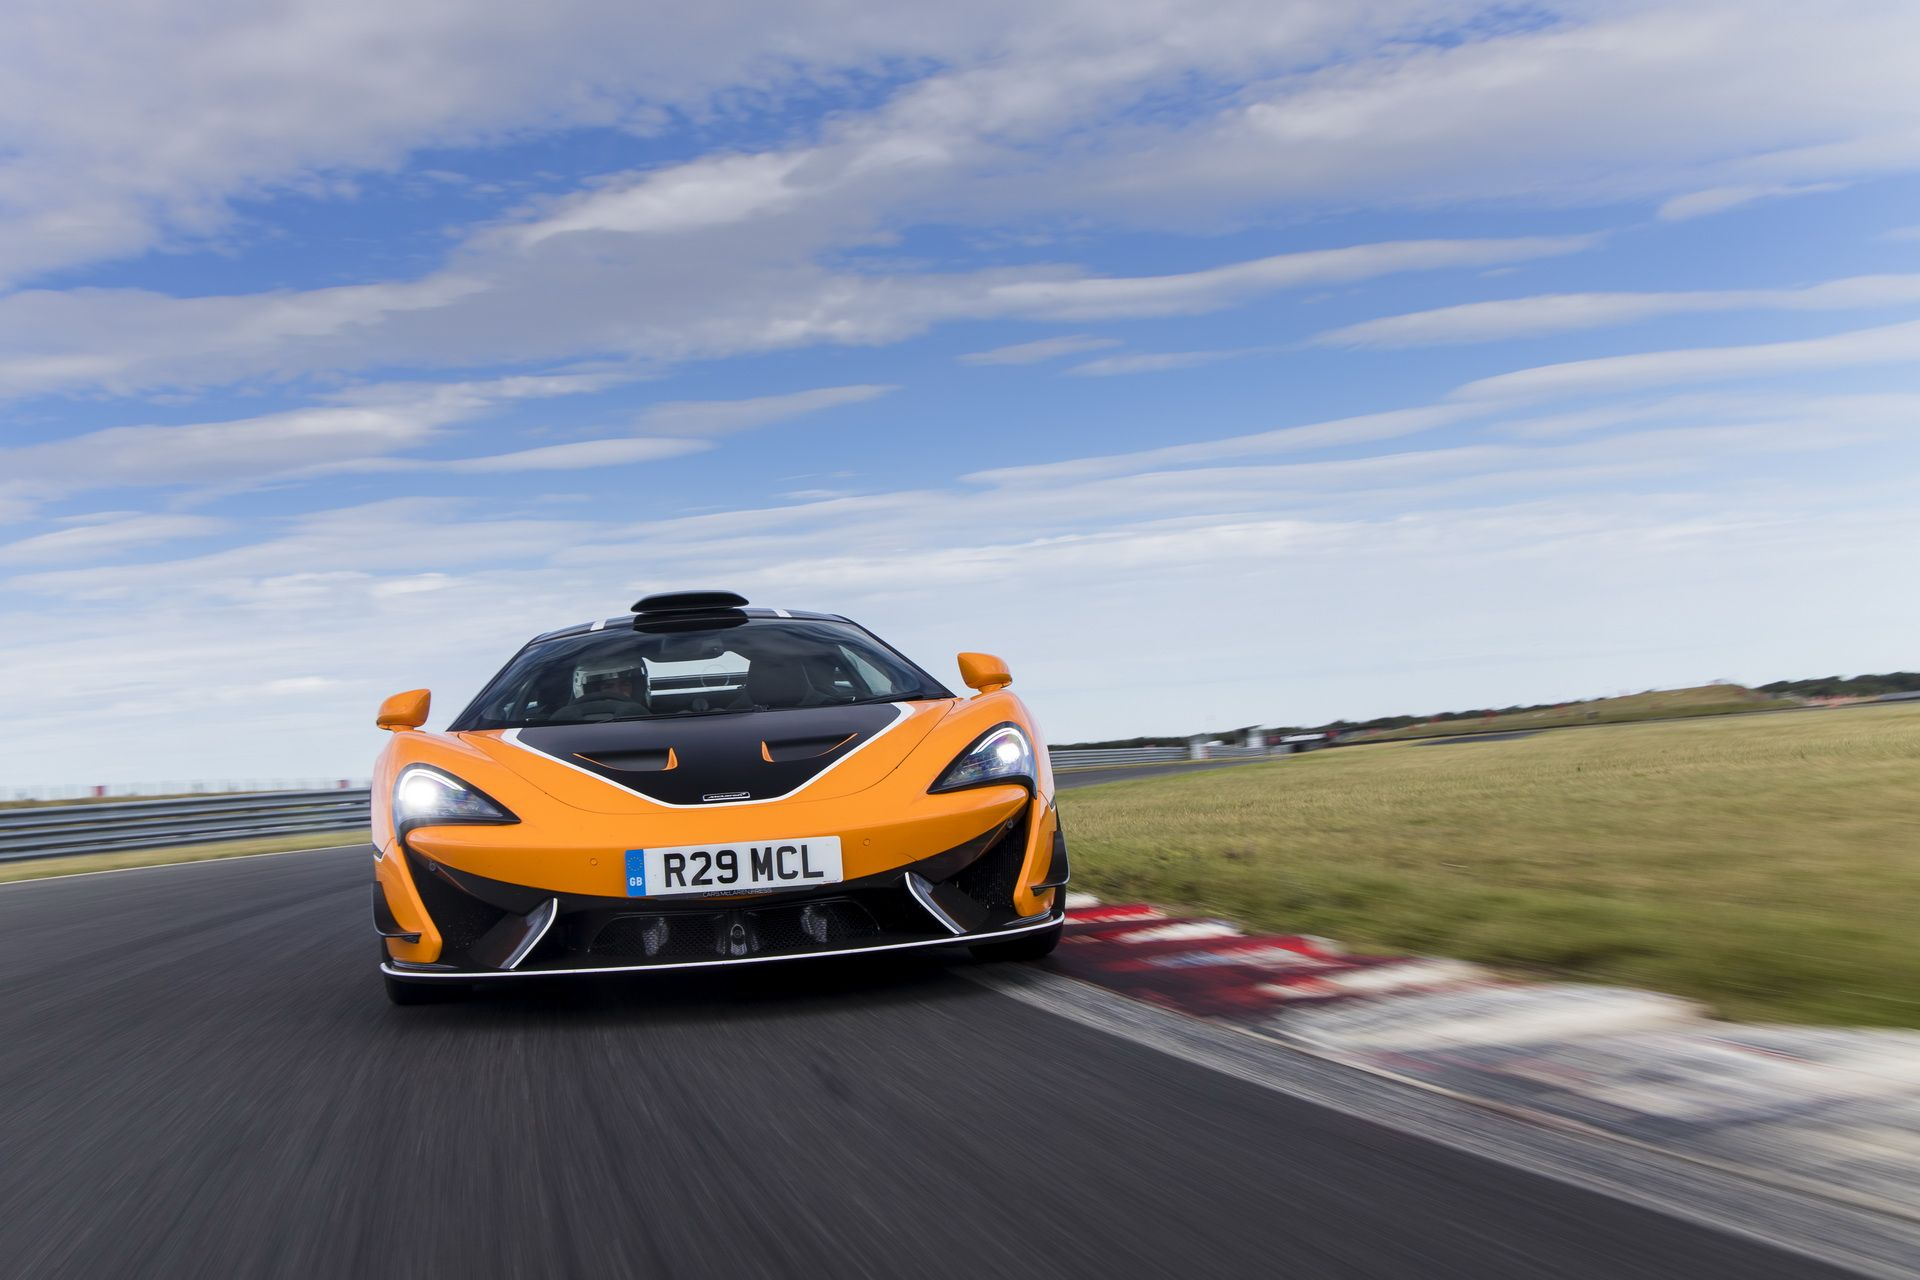 McLaren 620R MSO R tanıtıldı.